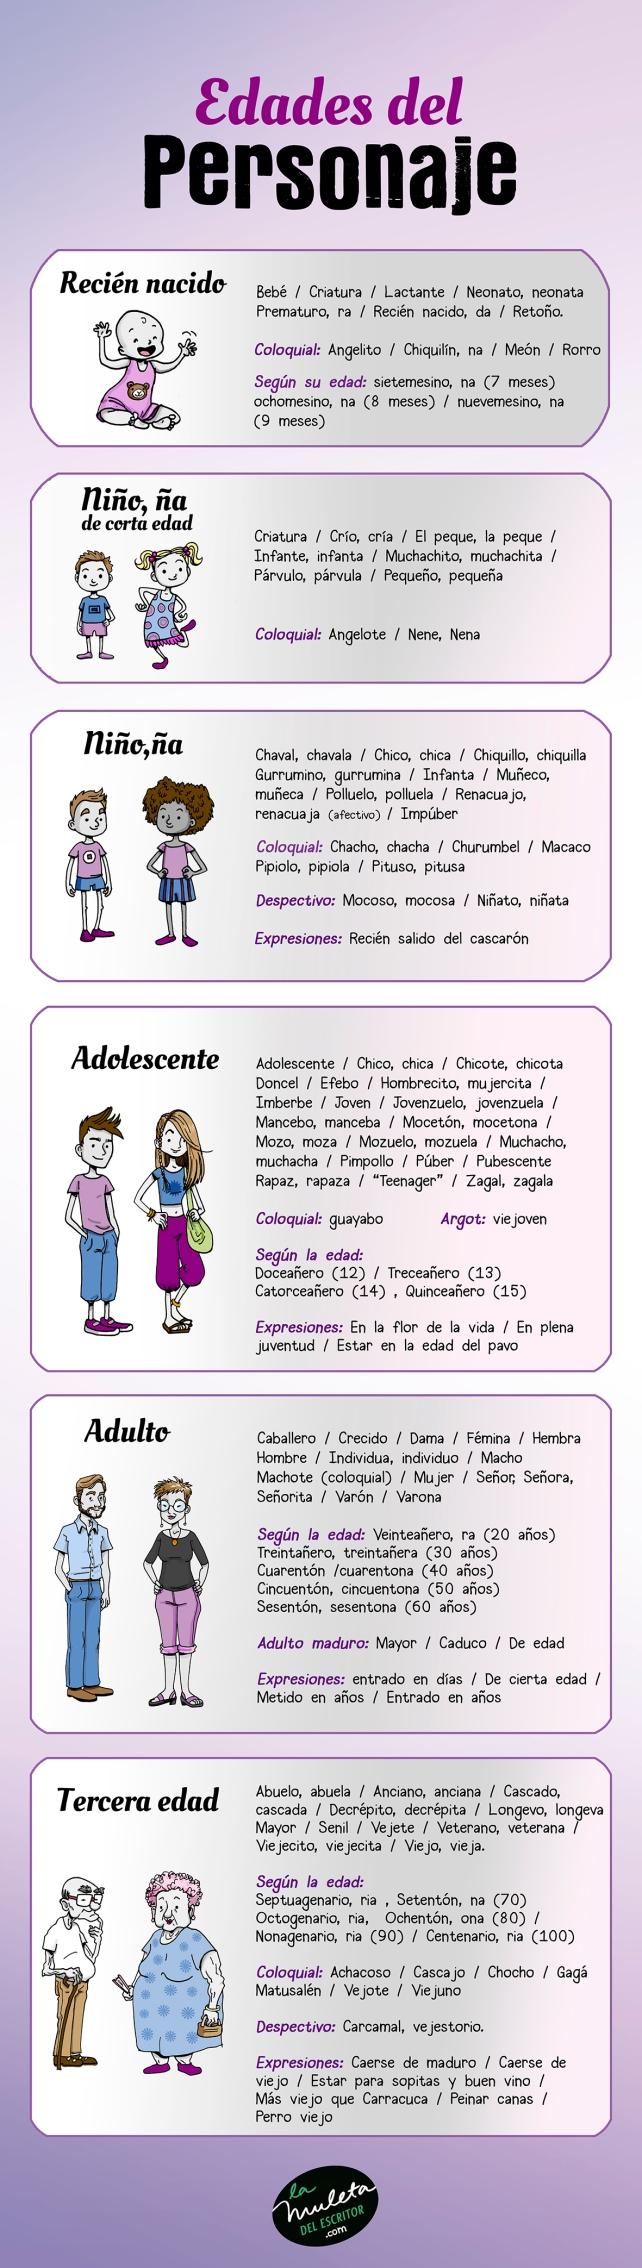 edades del personaje